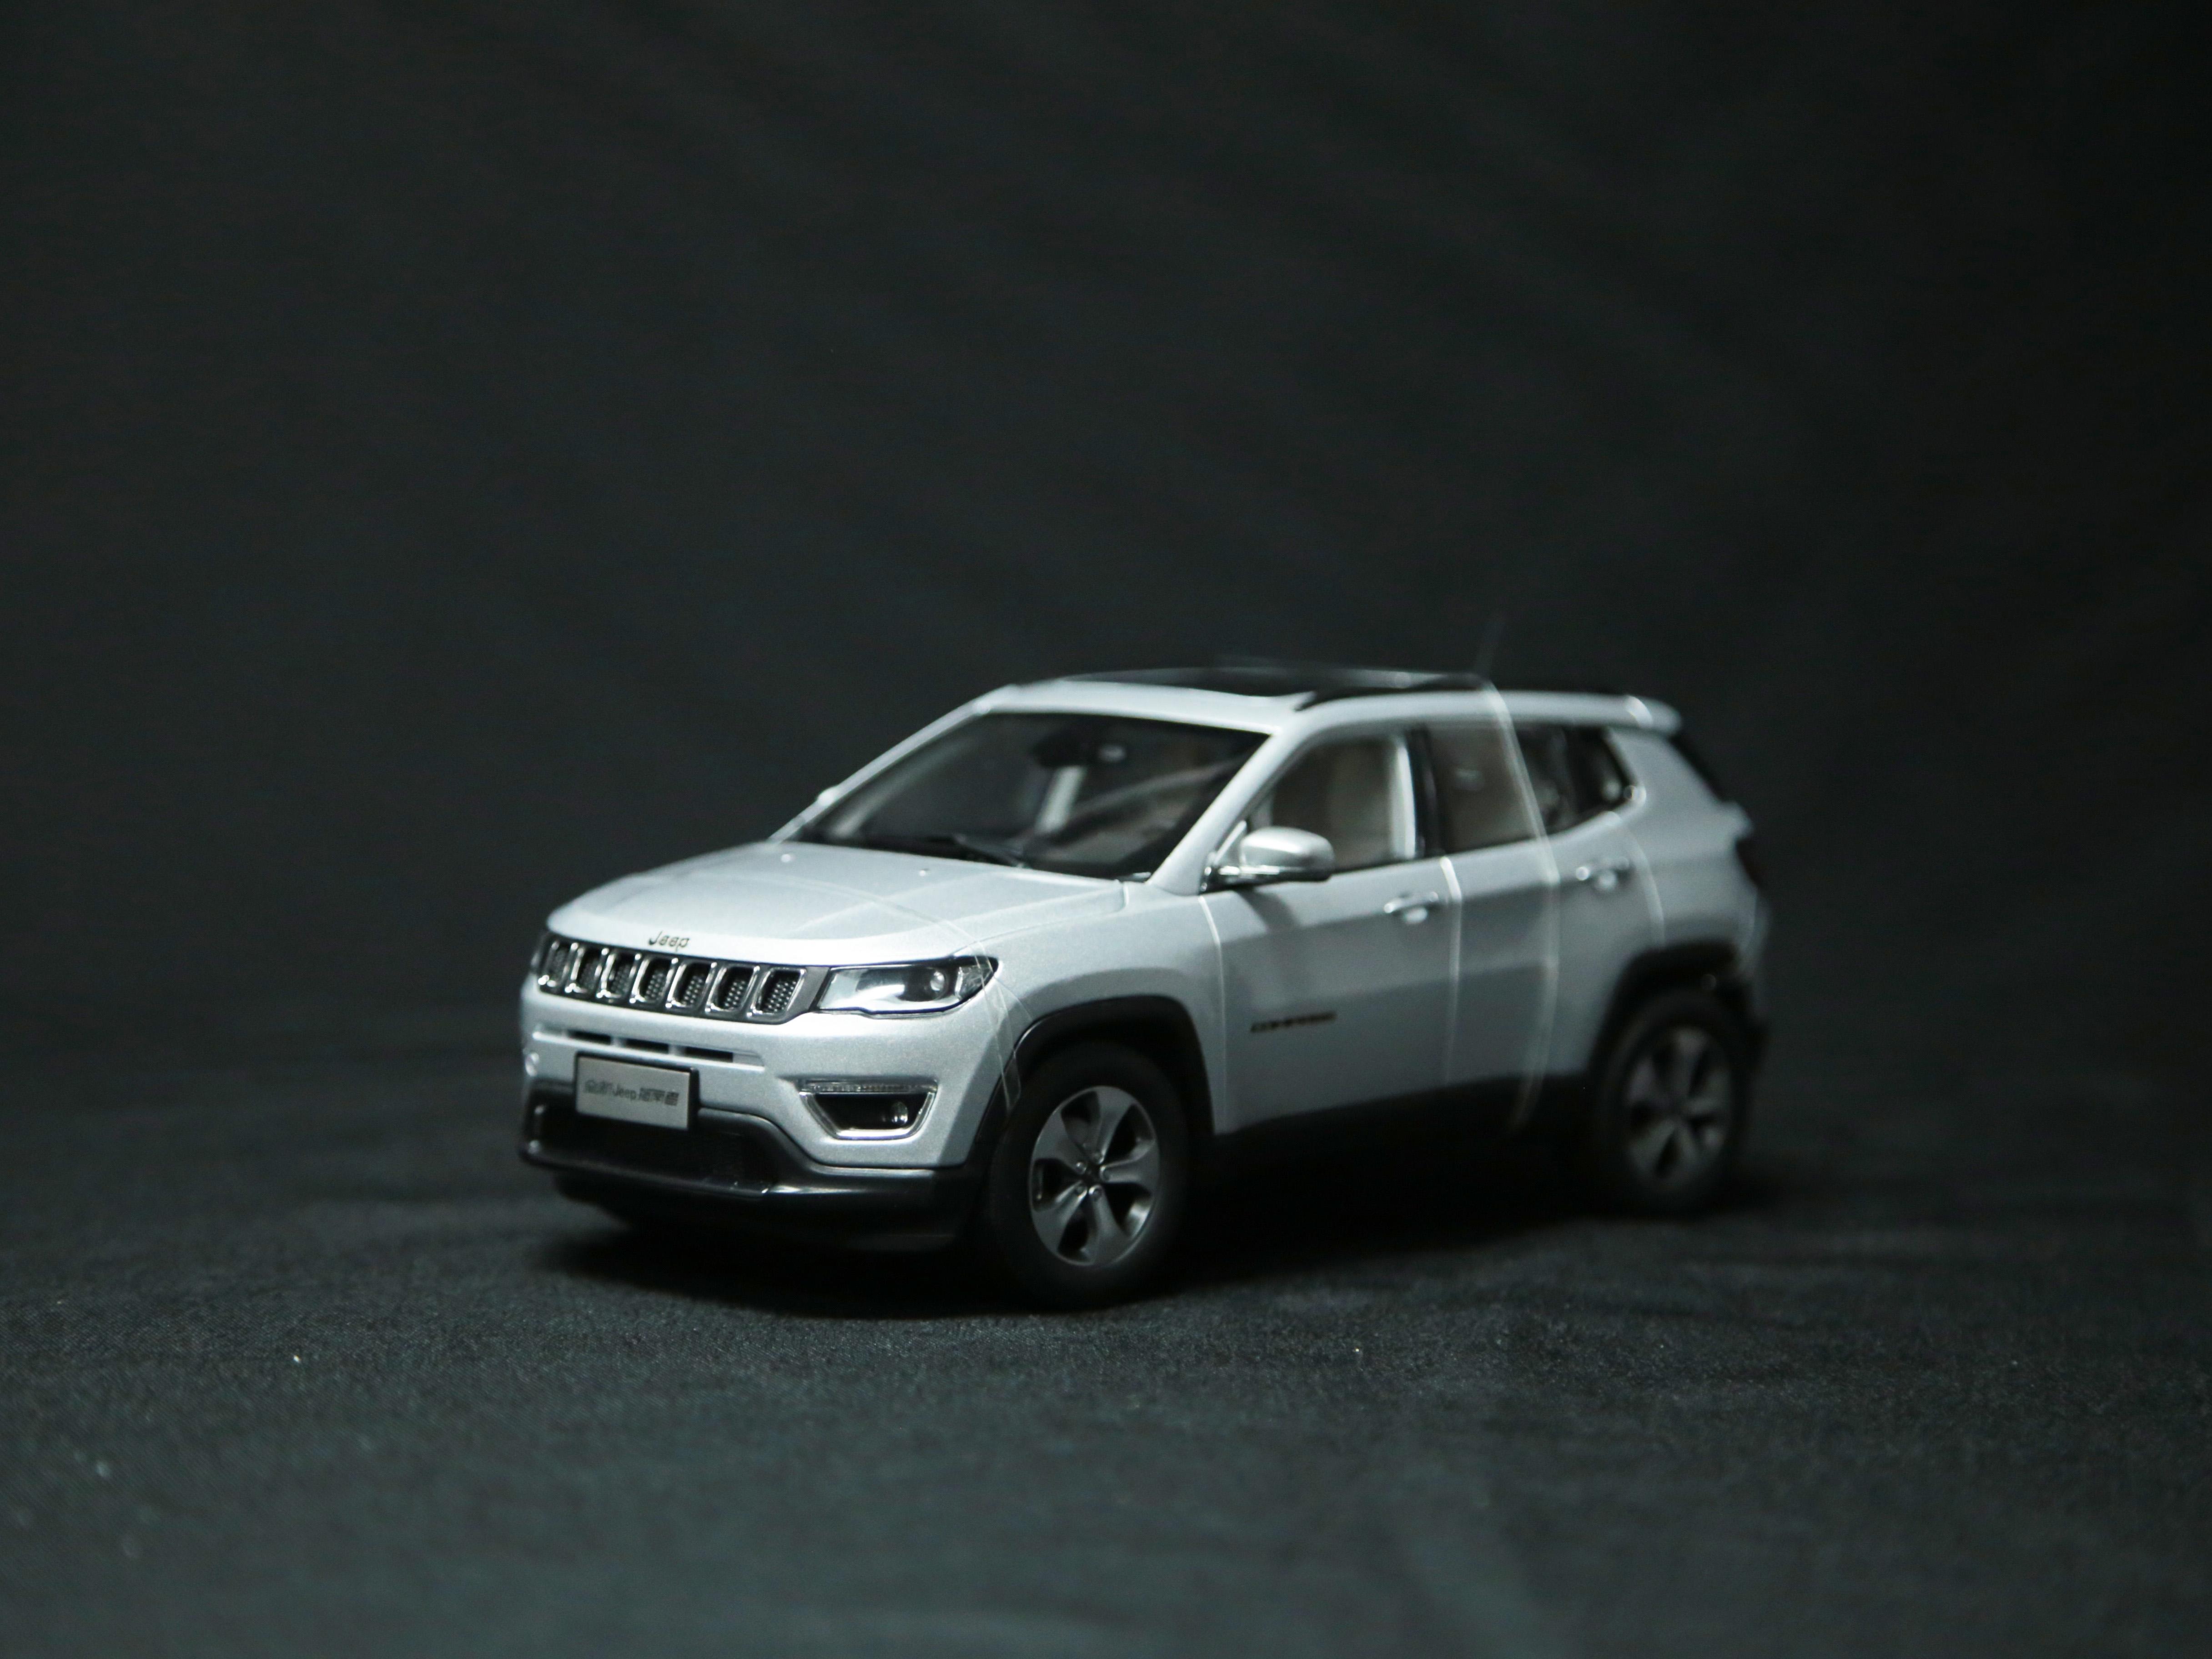 【車展特別版】Jeep指南者1:18車模